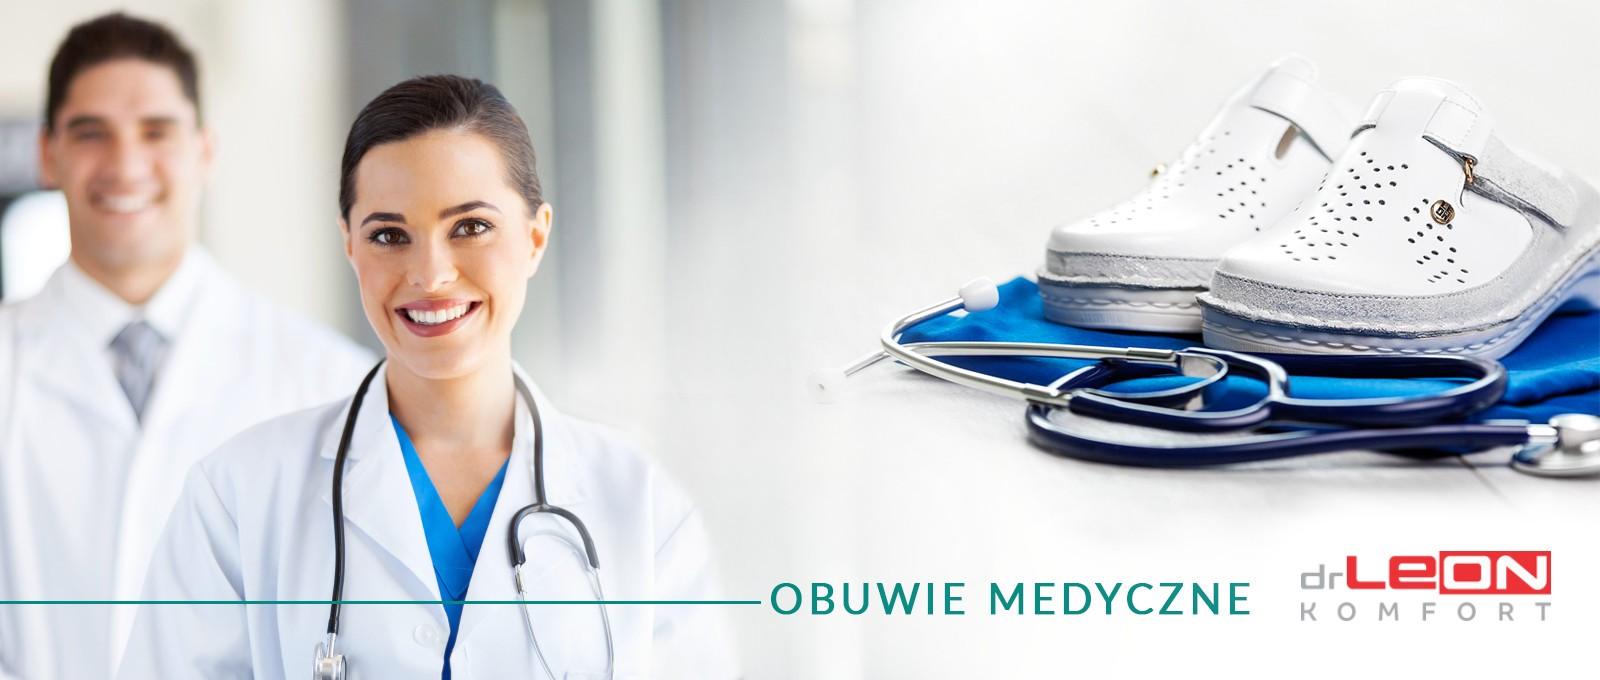 obuwie medyczne witamy Batz Dr Leon